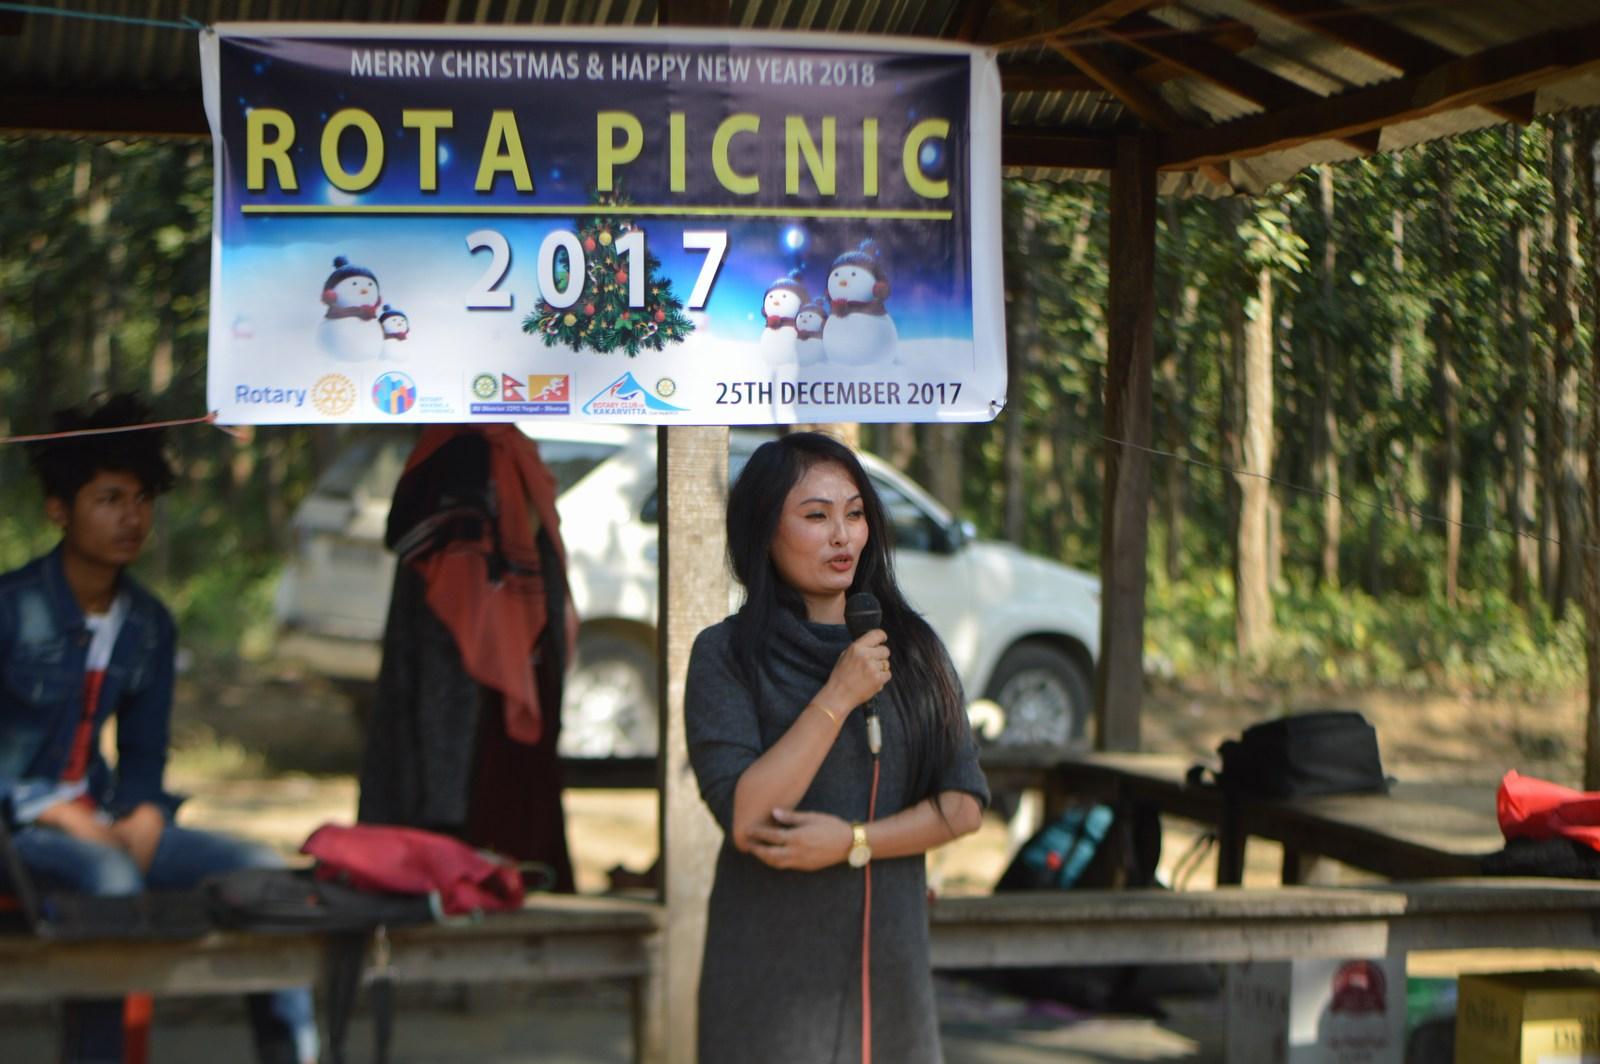 Rota-Picnic-2017-Rotary-Club-of-Kakarvitta-64